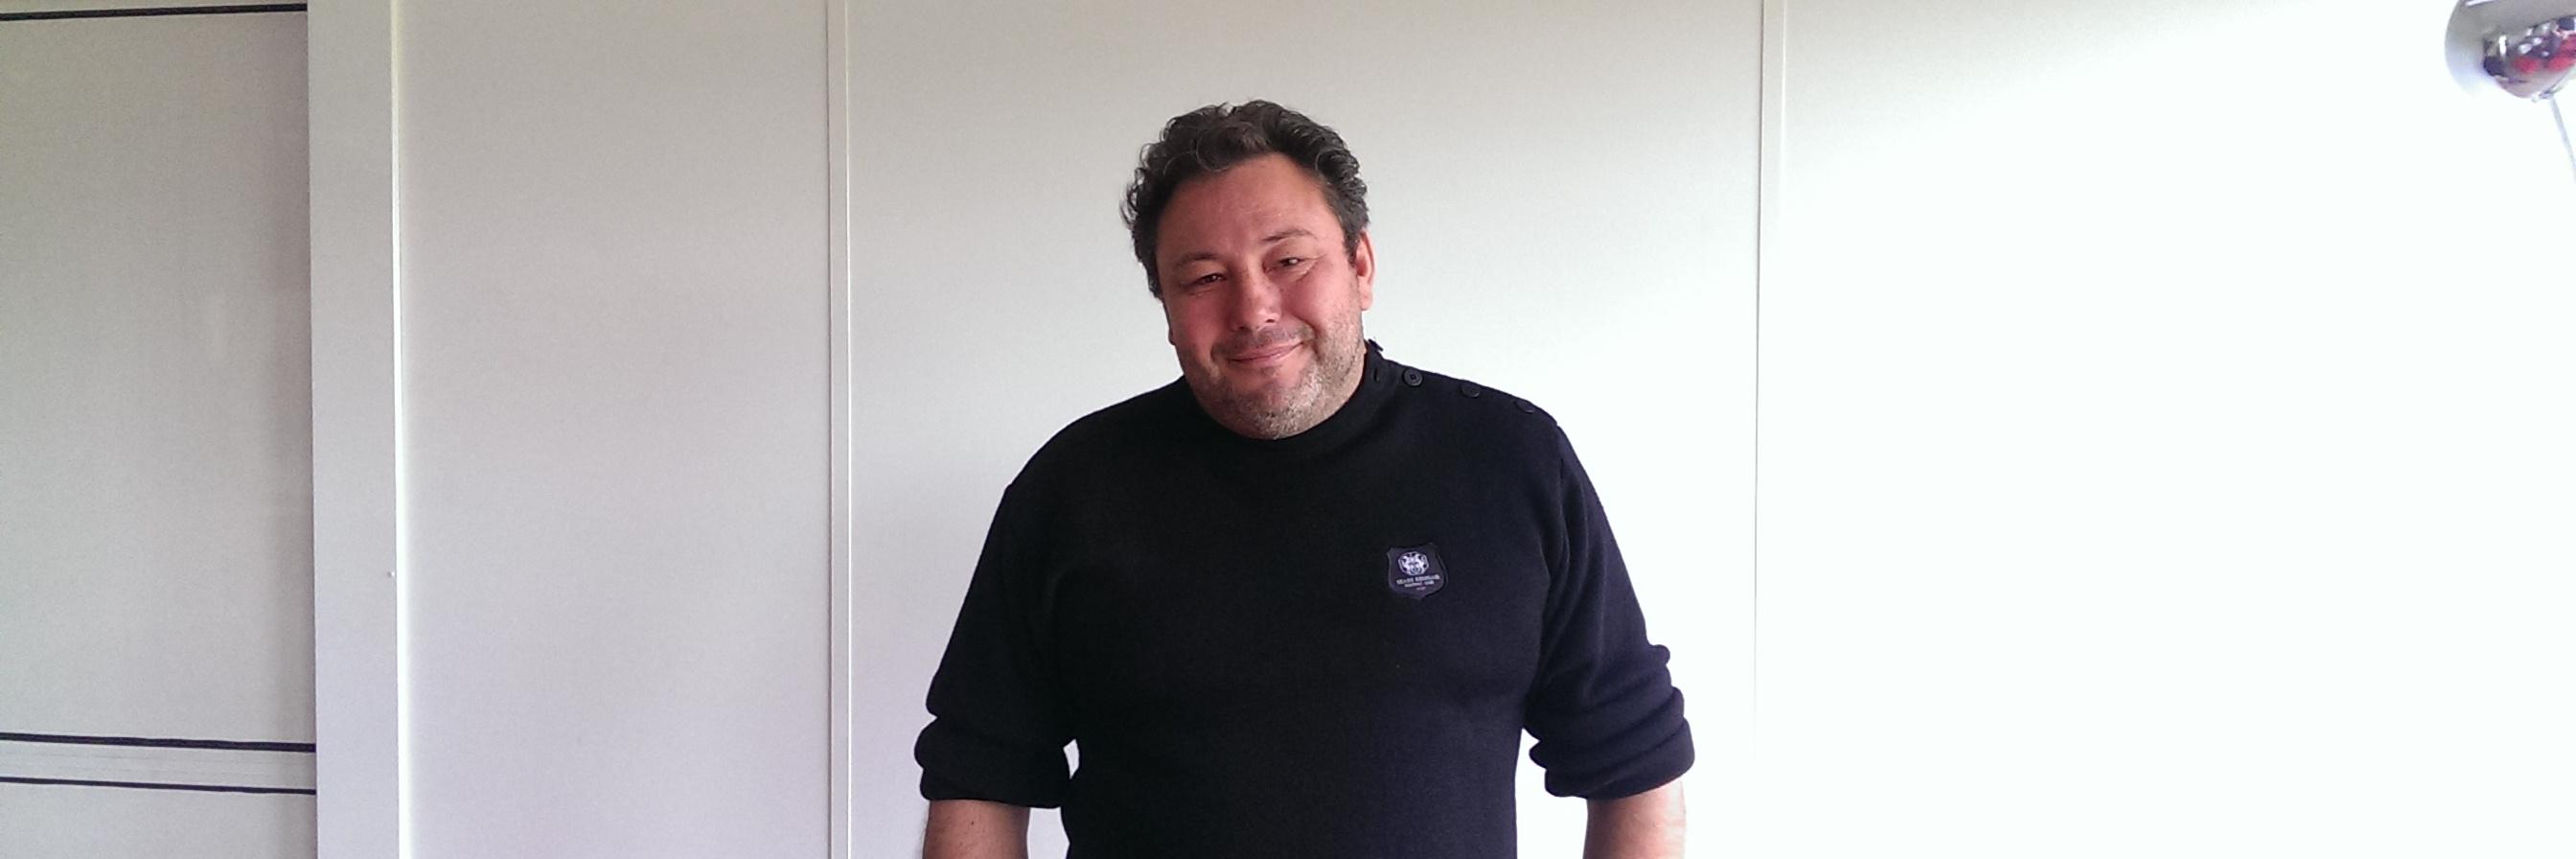 [Ils font aussi le SRFC] Ep.3 : Fabrice Devillers, directeur commercial